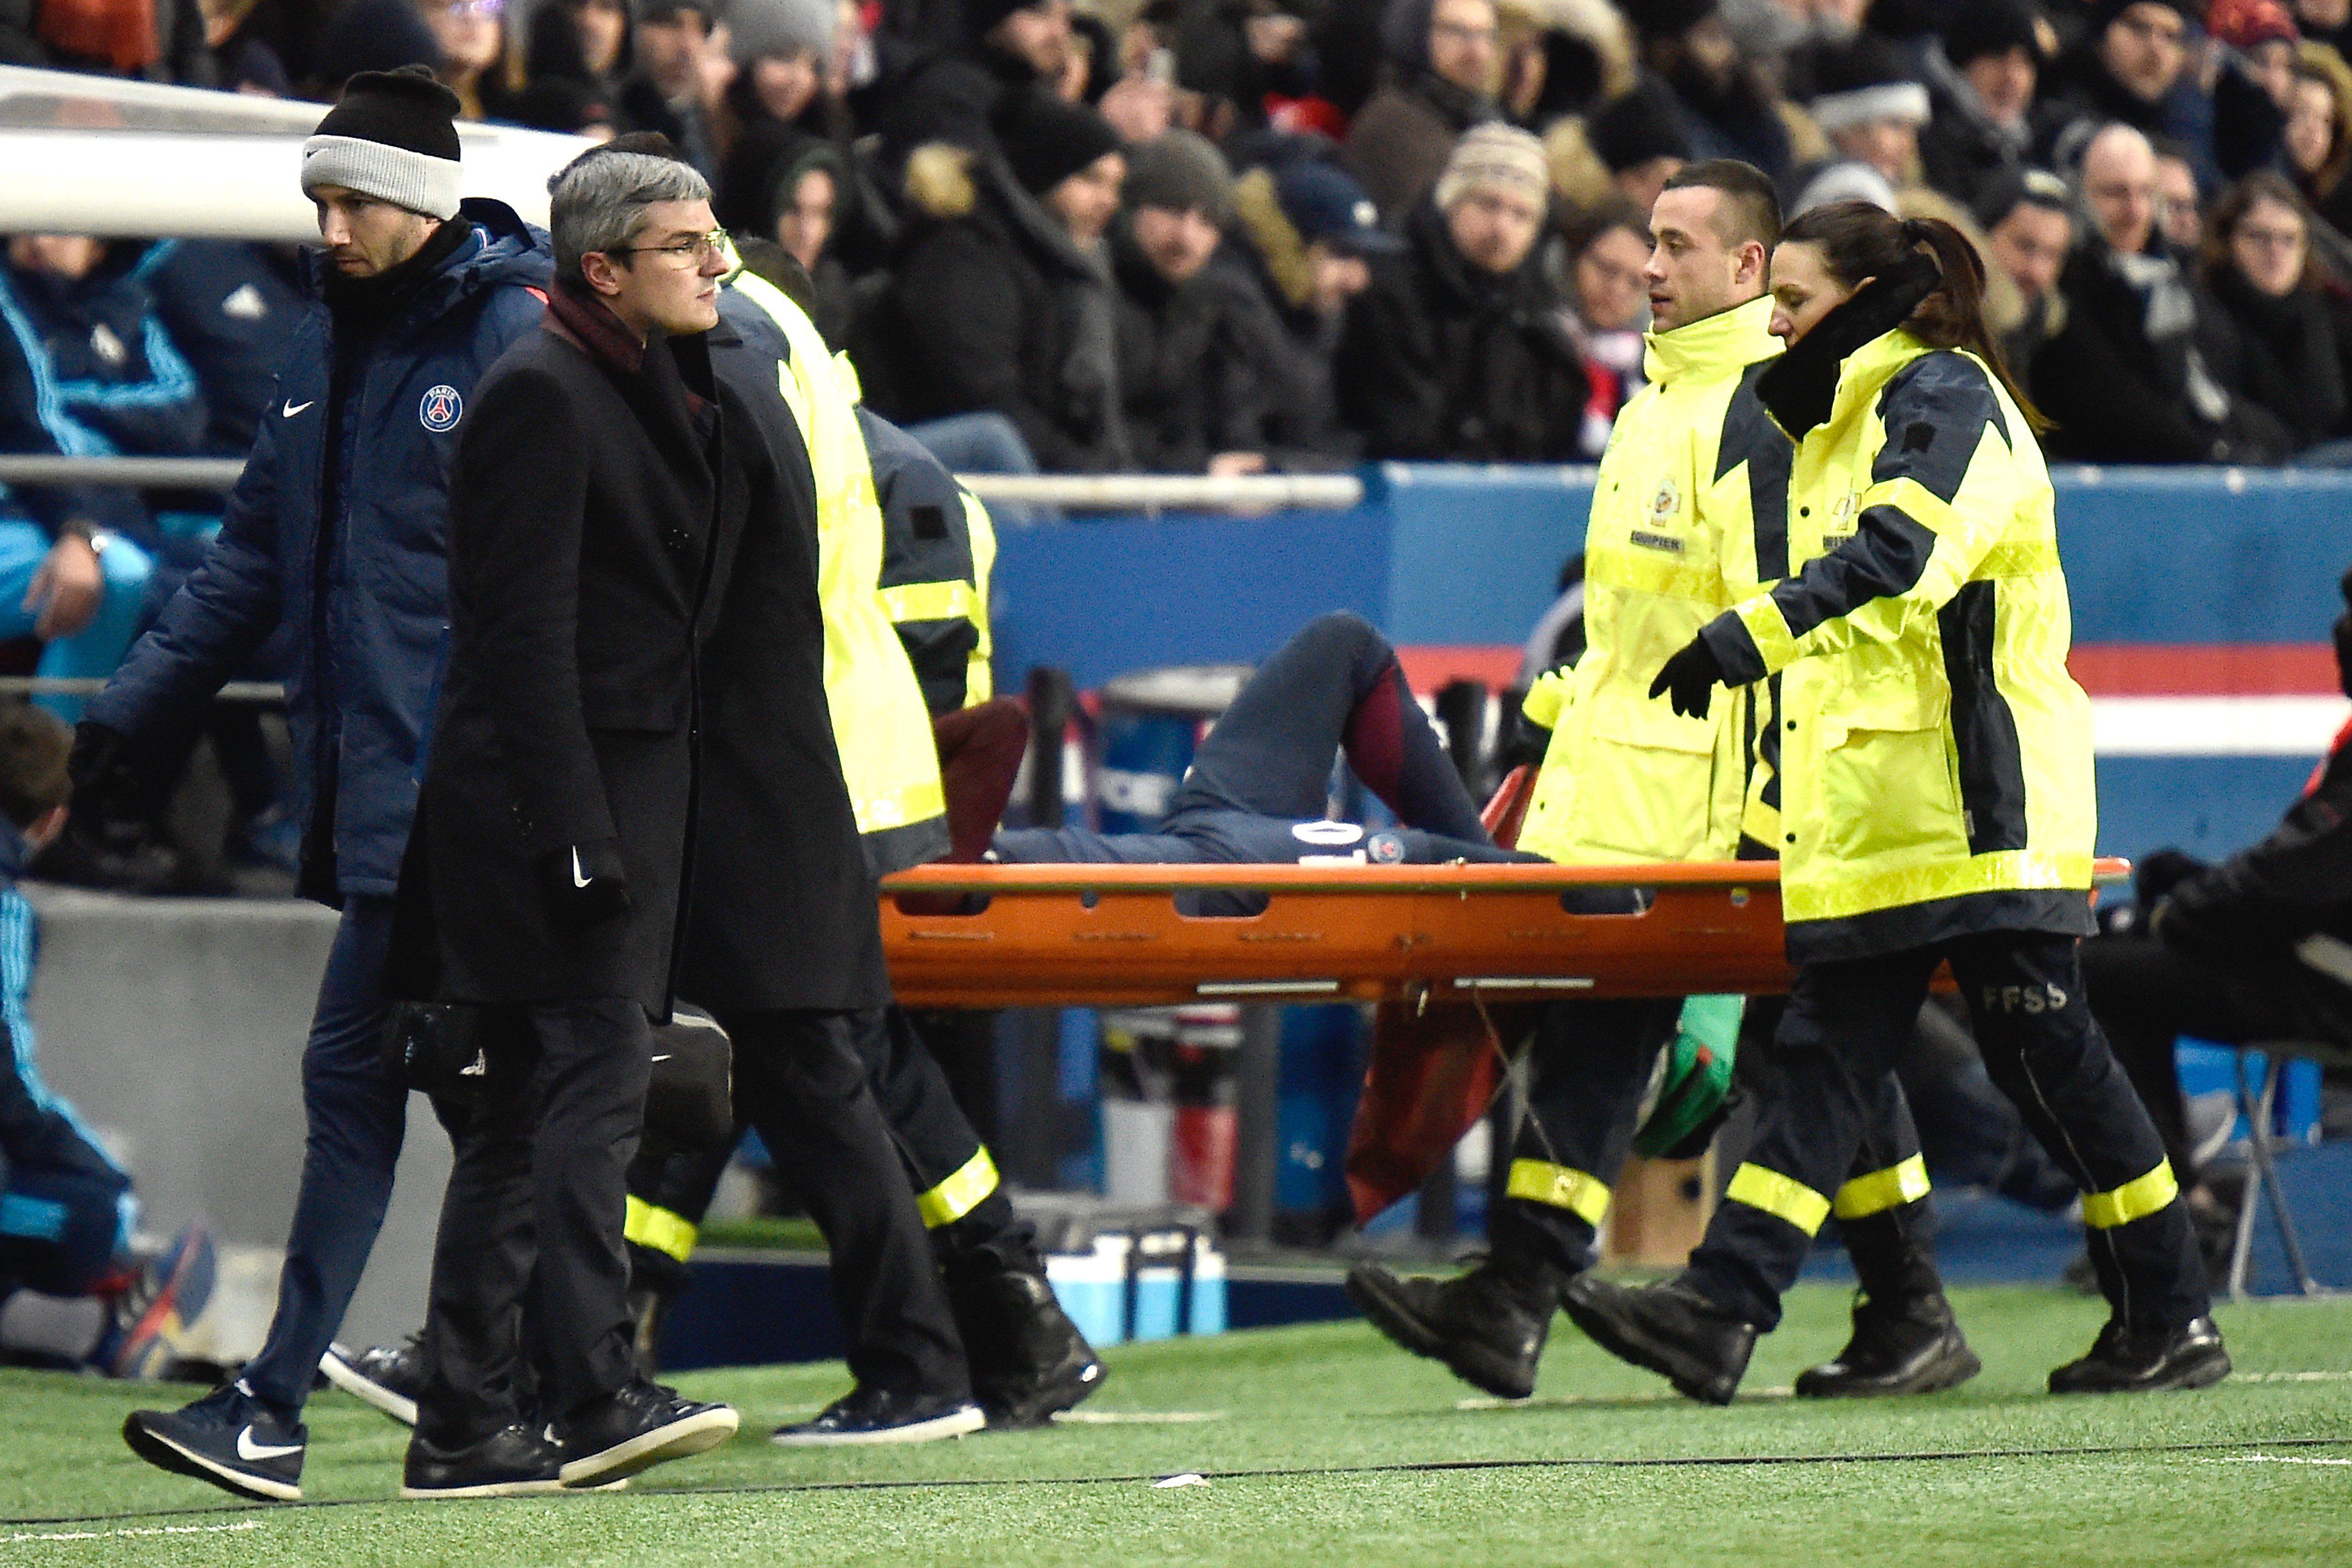 El dolor del brasileño mientras era retirado en camilla